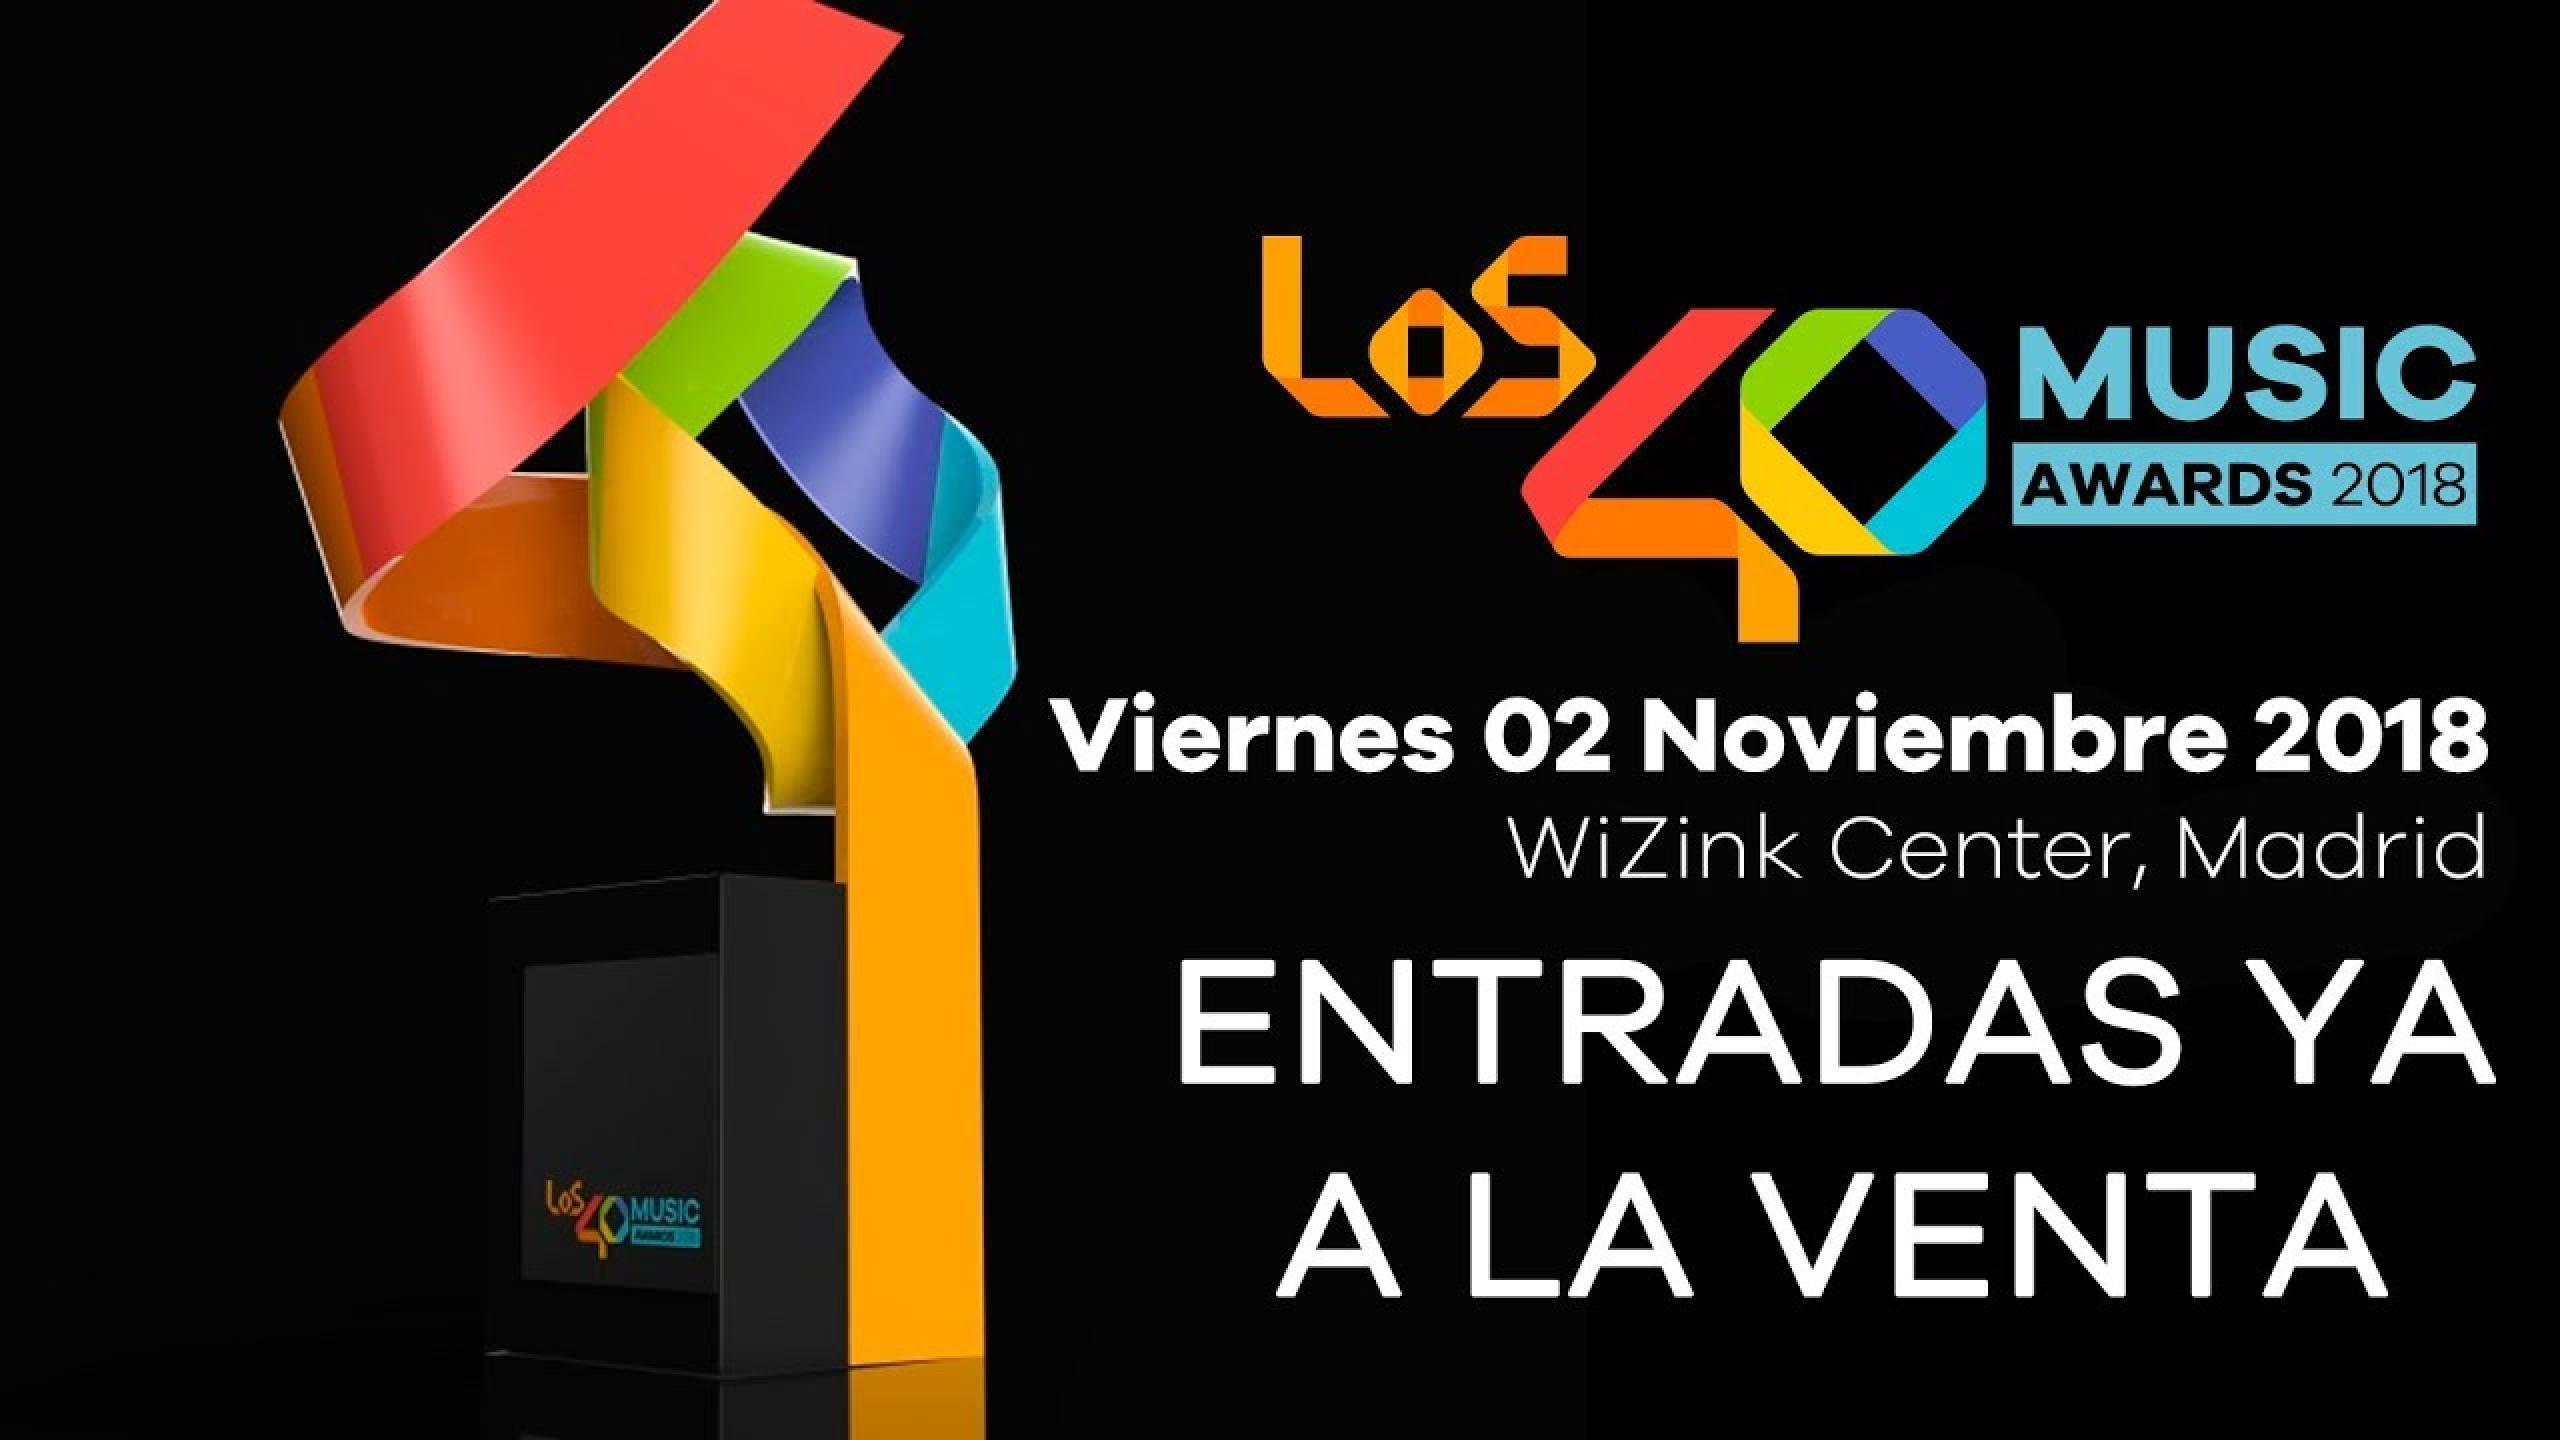 Photocall Premios Los40 Music Awards 02/11/18 ( FOTOS )